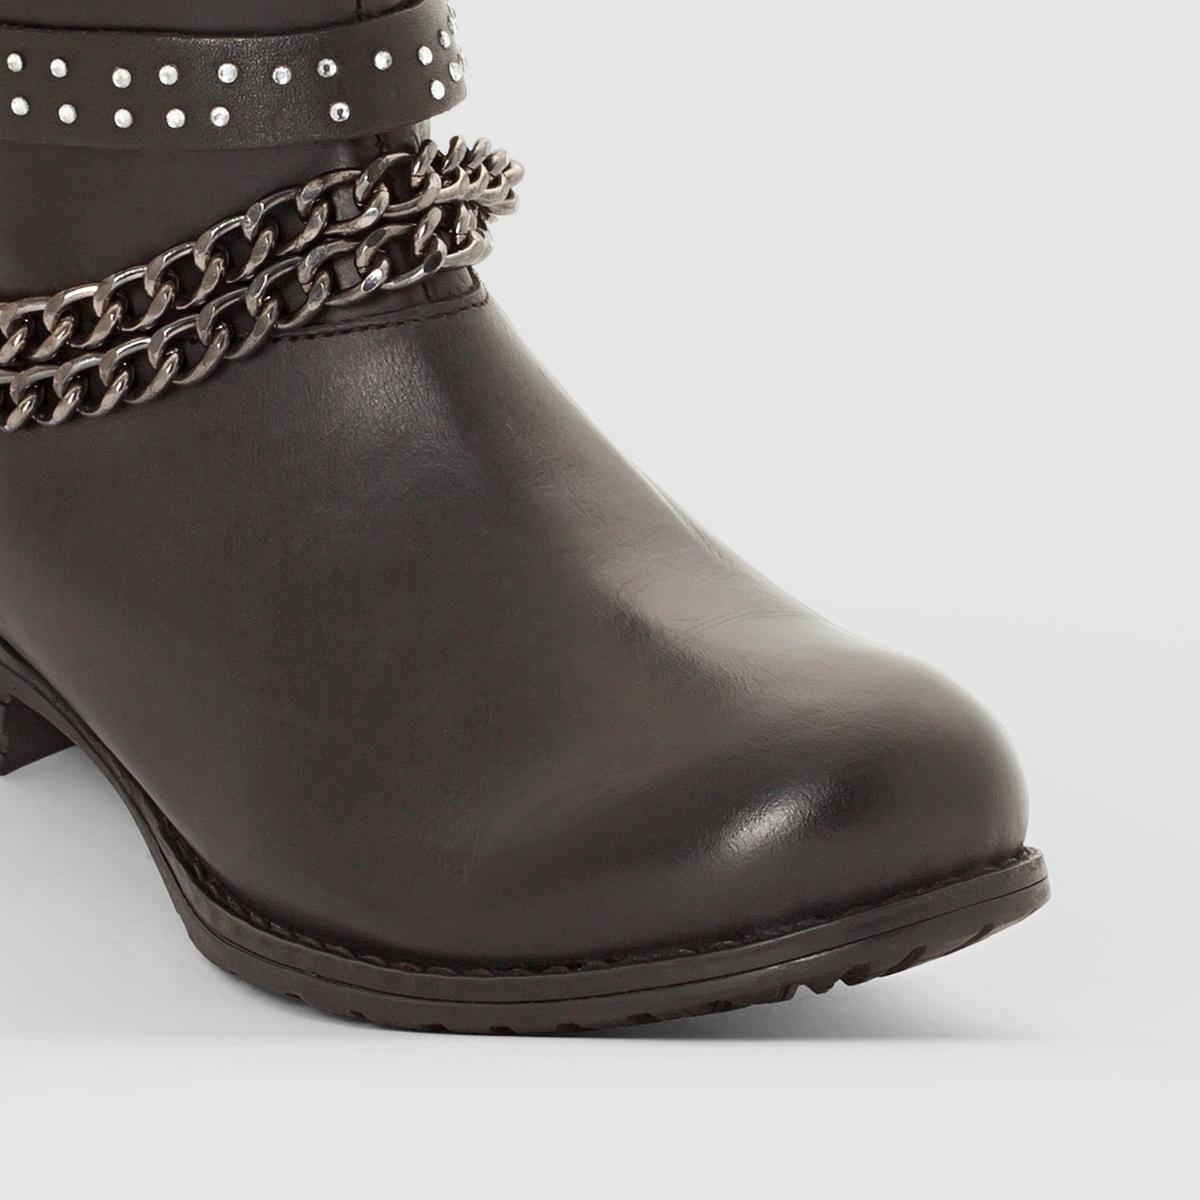 Ботинки кожаные, KarlВерх/ Голенище: Яловичная кожа.          Подкладка: Текстиль.            Стелька: Текстиль.            Подошва: Синтетический материал.         Высота голенища: 8 см. Форма каблука: Широкая.  Мысок: Круглый.     Застежка: На молнию.<br><br>Цвет: черный<br>Размер: 40.37